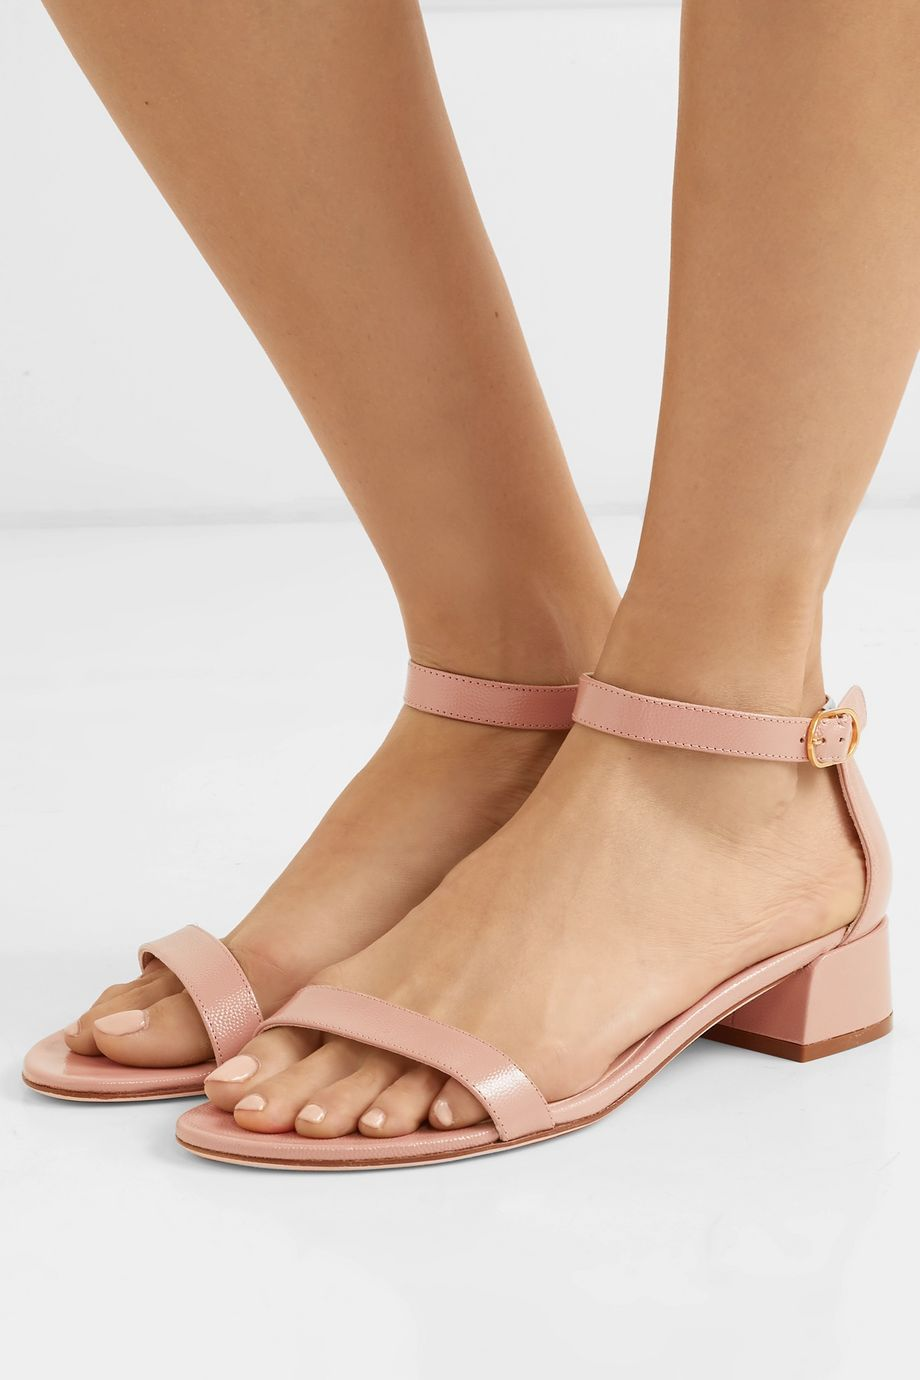 Stuart Weitzman NudistJune patent textured-leather sandals